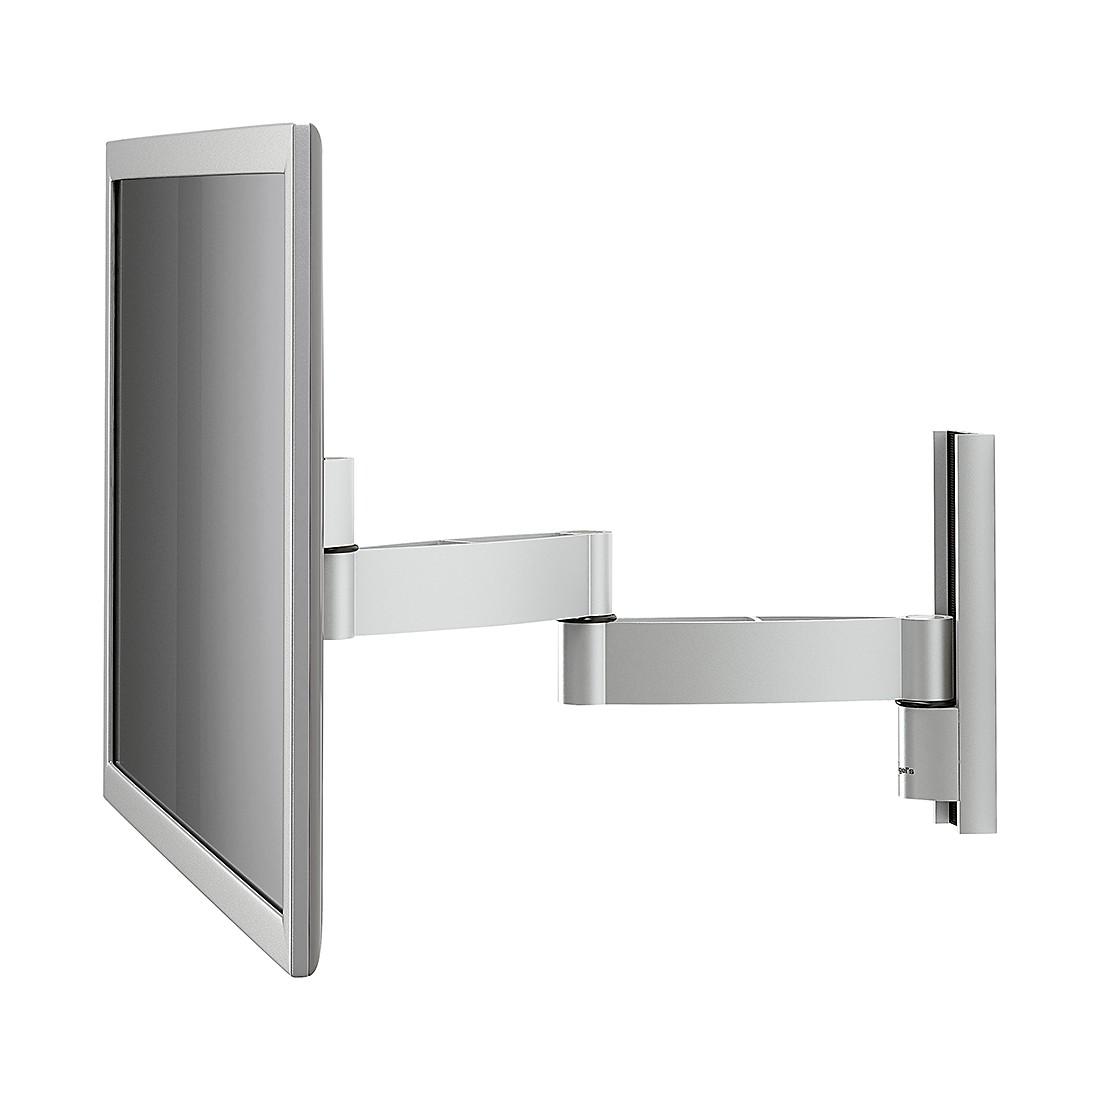 tv wandhalterung wall 1145 silber vogel 39 s jetzt kaufen. Black Bedroom Furniture Sets. Home Design Ideas